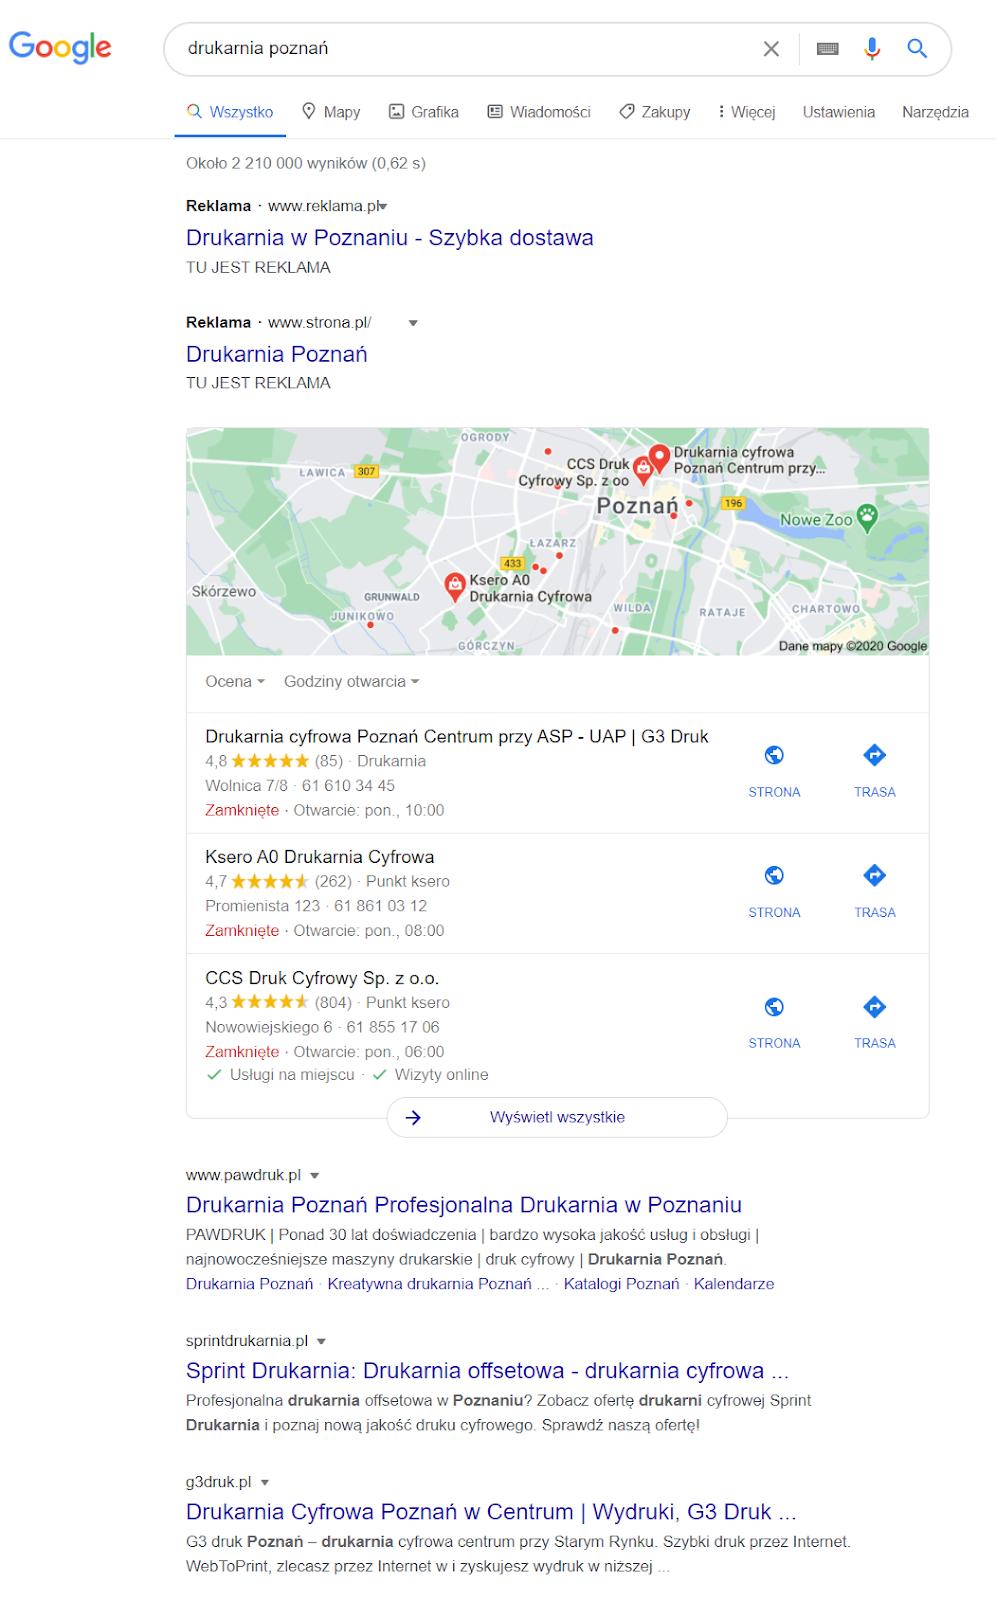 pozycjonowanie w google maps desktop